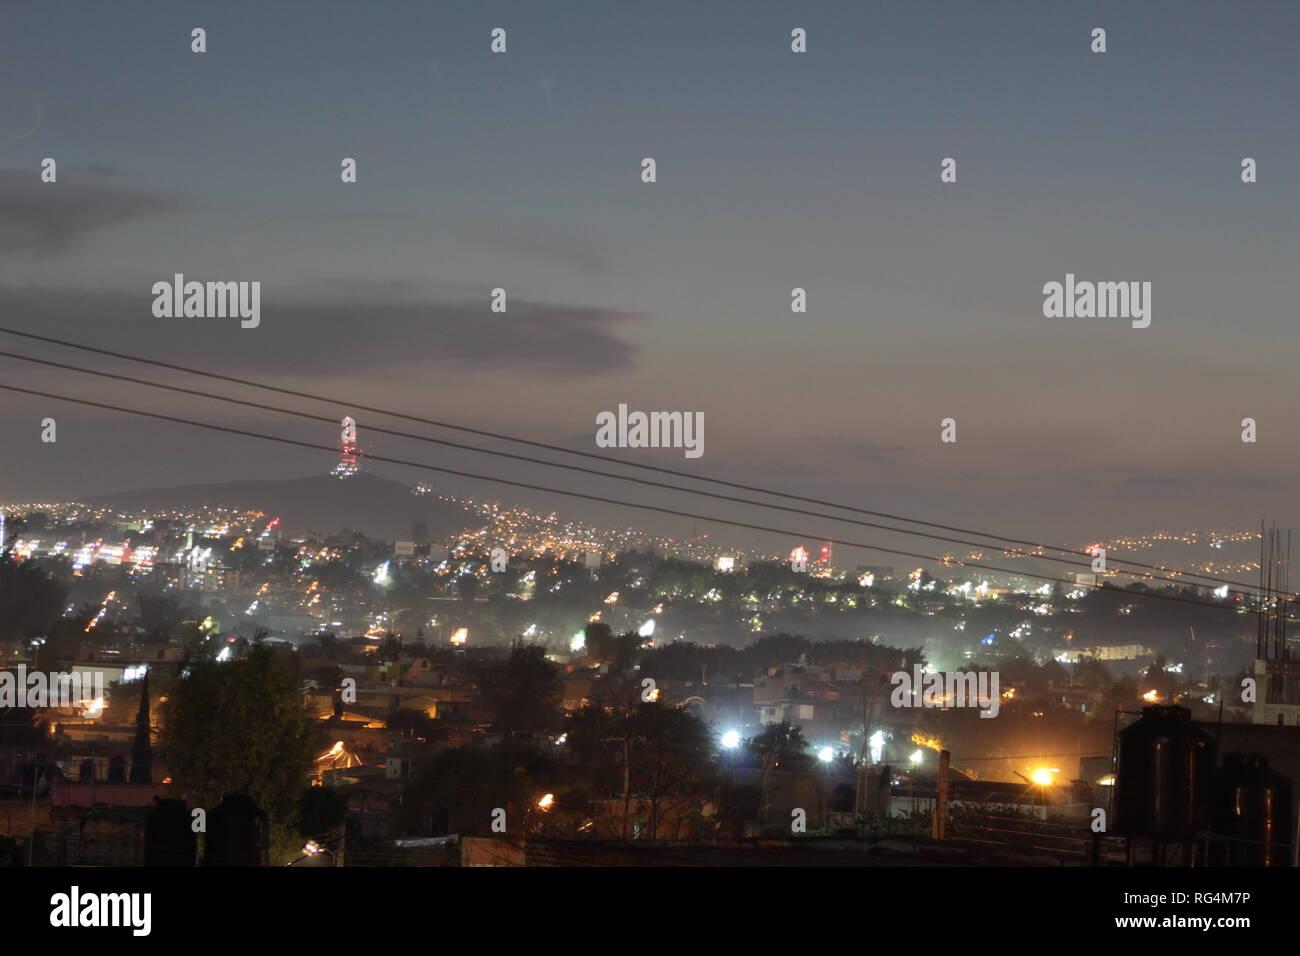 Tonala, Jalisco, Messico foto tomada con lente 18-55 mm alrededor de las 7:00 pm arriba de mi azotea vista del atardecer en invierno de la ciudad. Immagini Stock